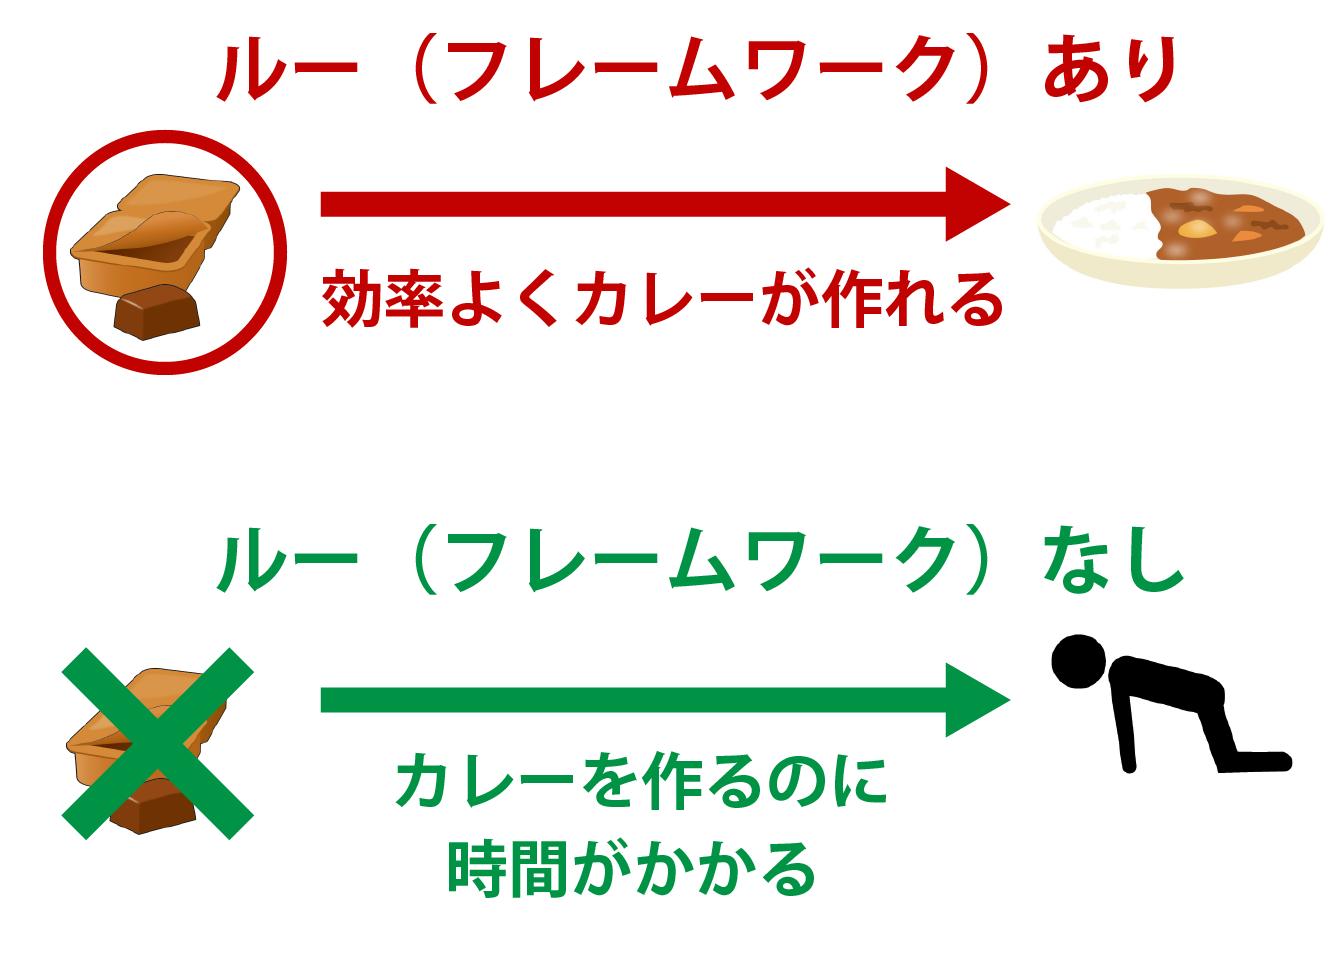 フレームワークの解説画像